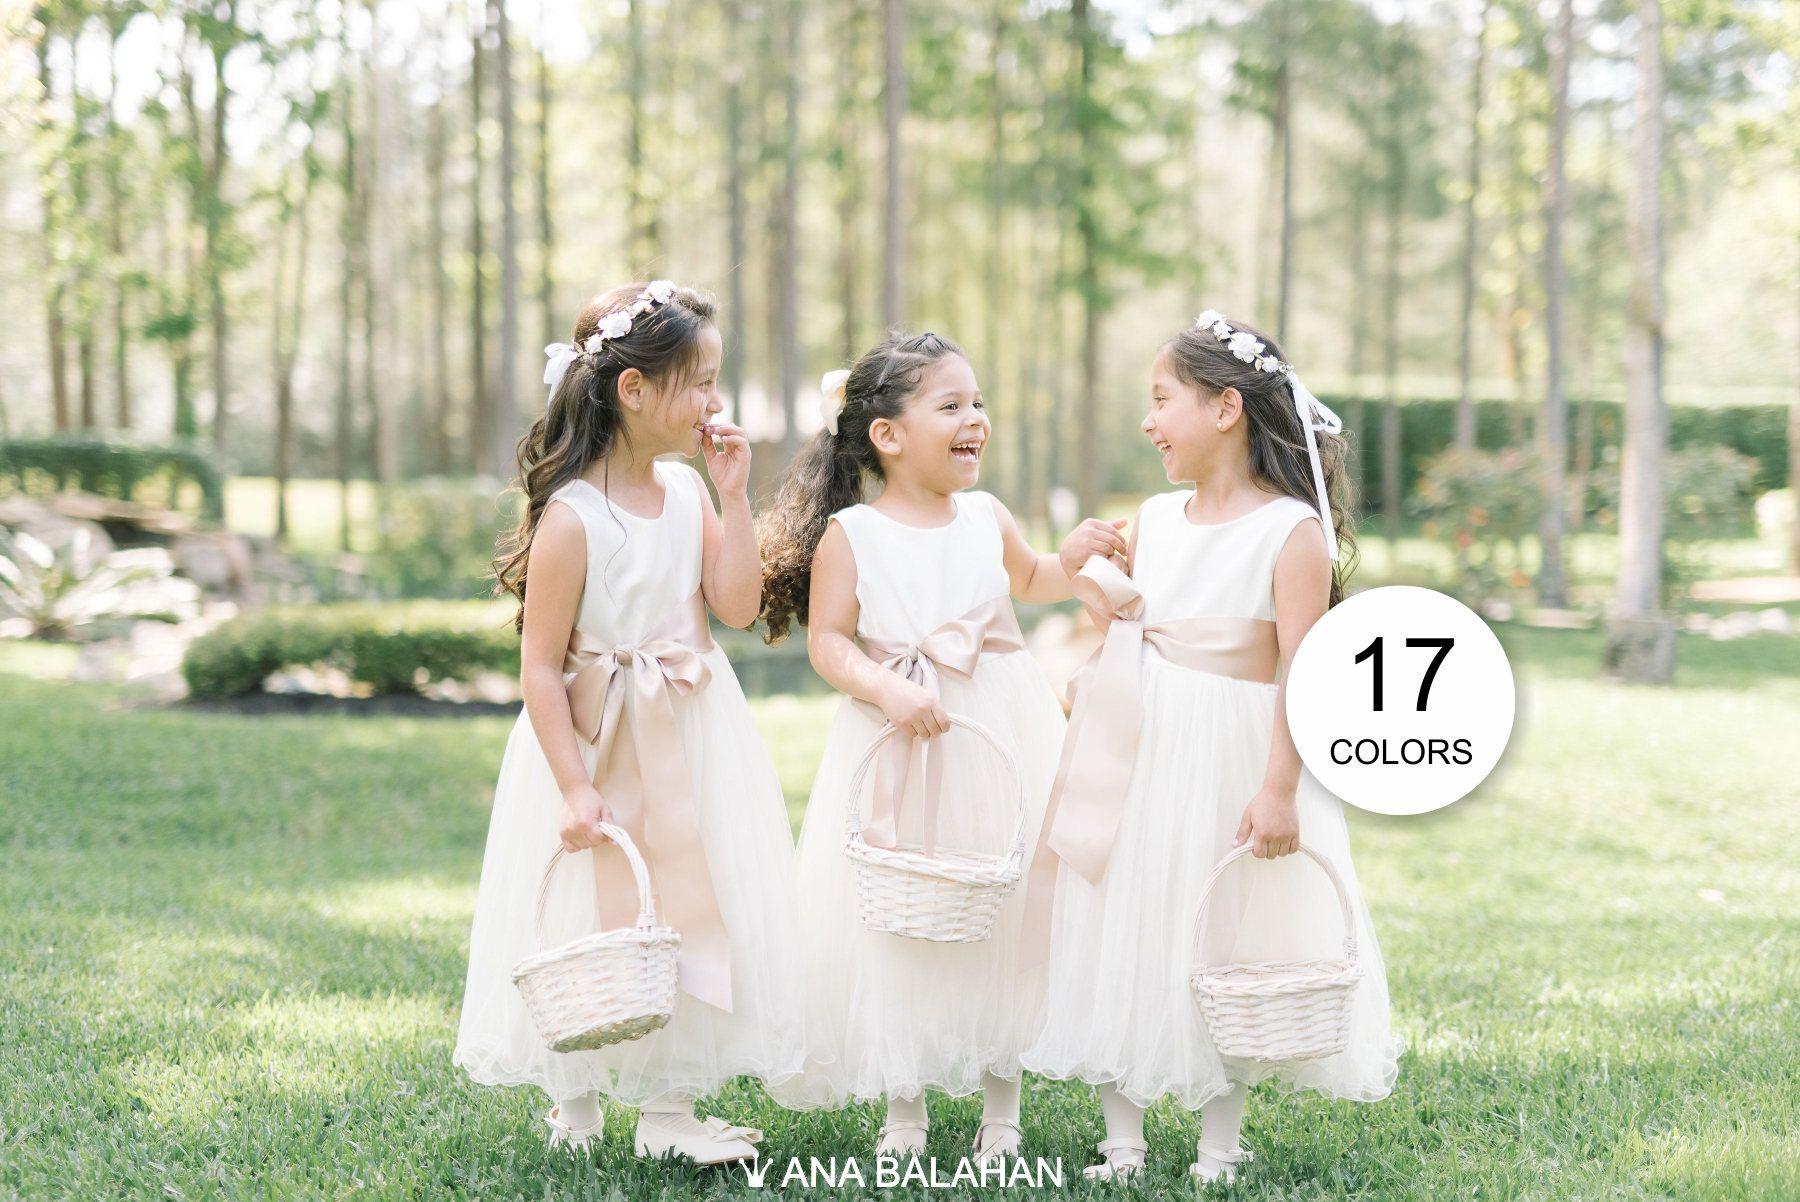 Dieses klassische Mädchen Kleid schlichte Design ist ideal nicht nur ...